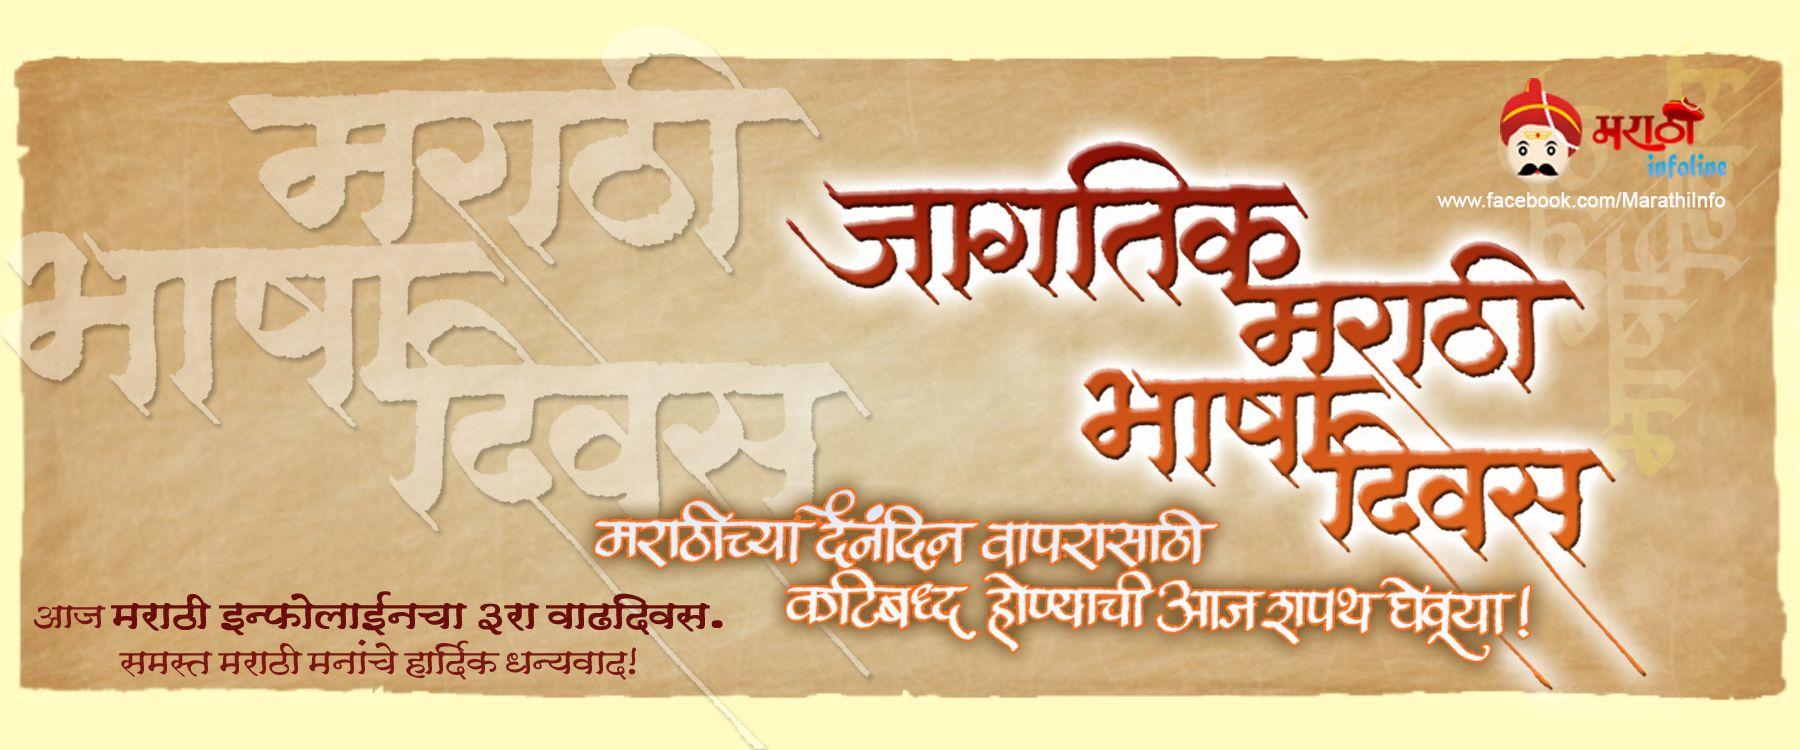 """27 February is celebrated as """"Jagatik Marathi Bhasha Divas"""